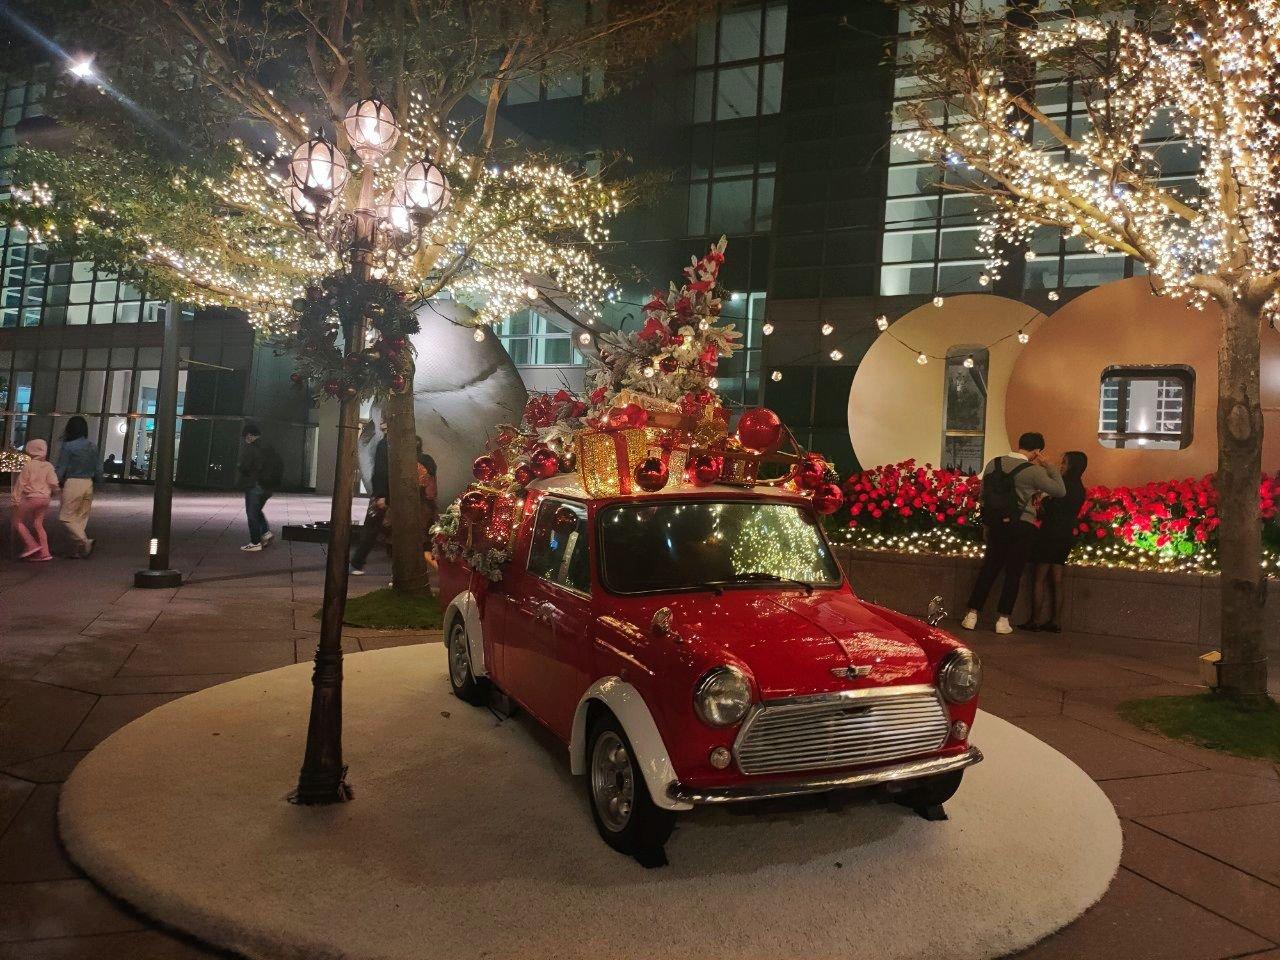 2020聖誕節 活動 景點 台北101 聖誕市集